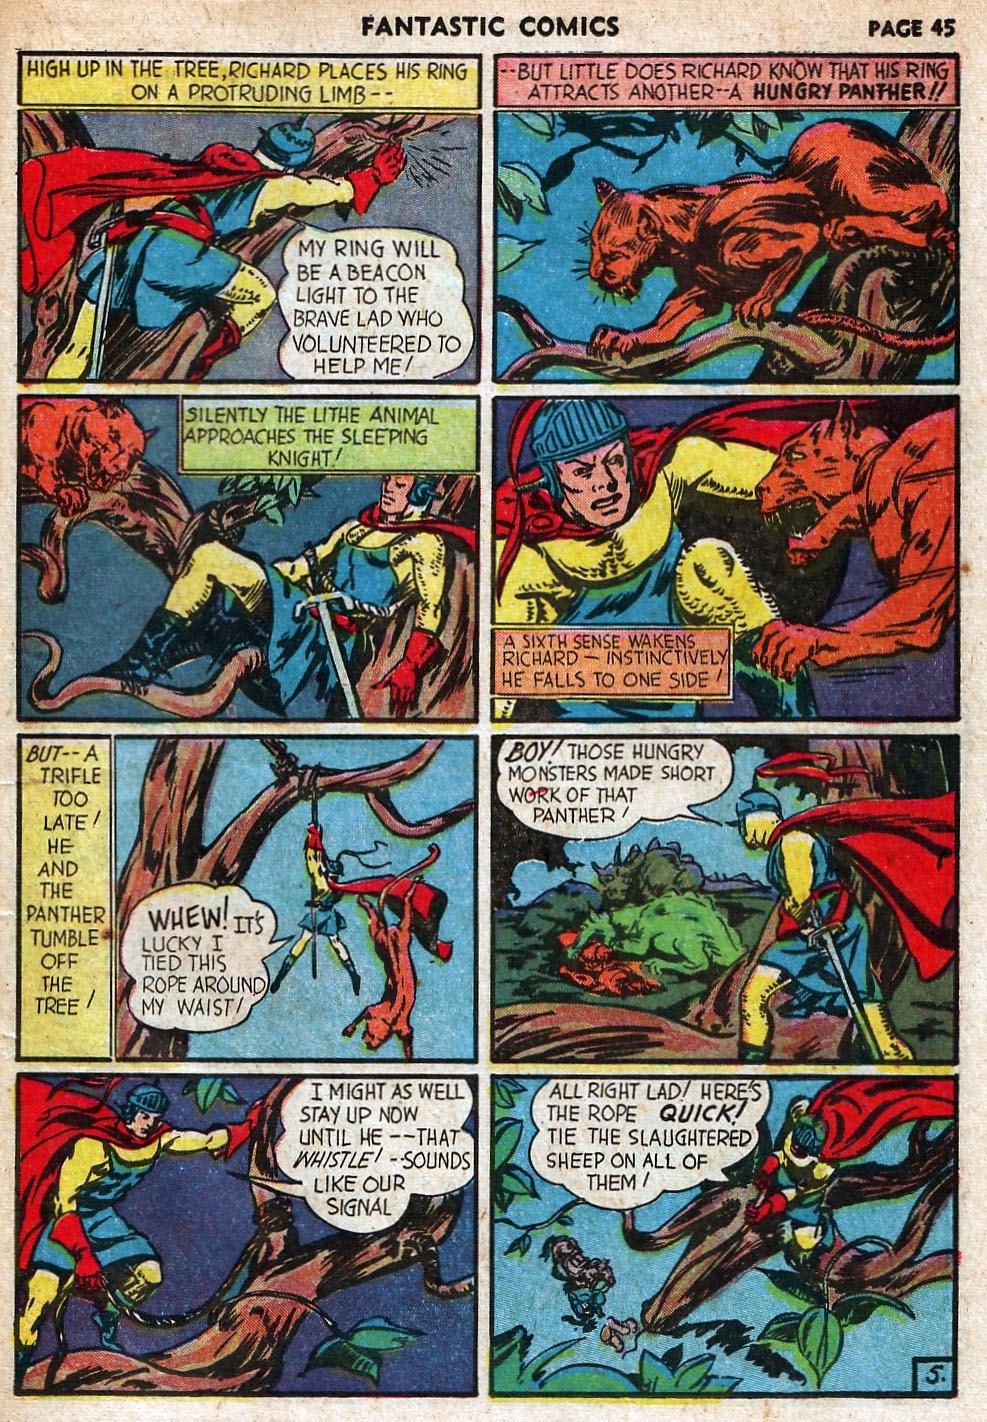 Read online Fantastic Comics comic -  Issue #18 - 47